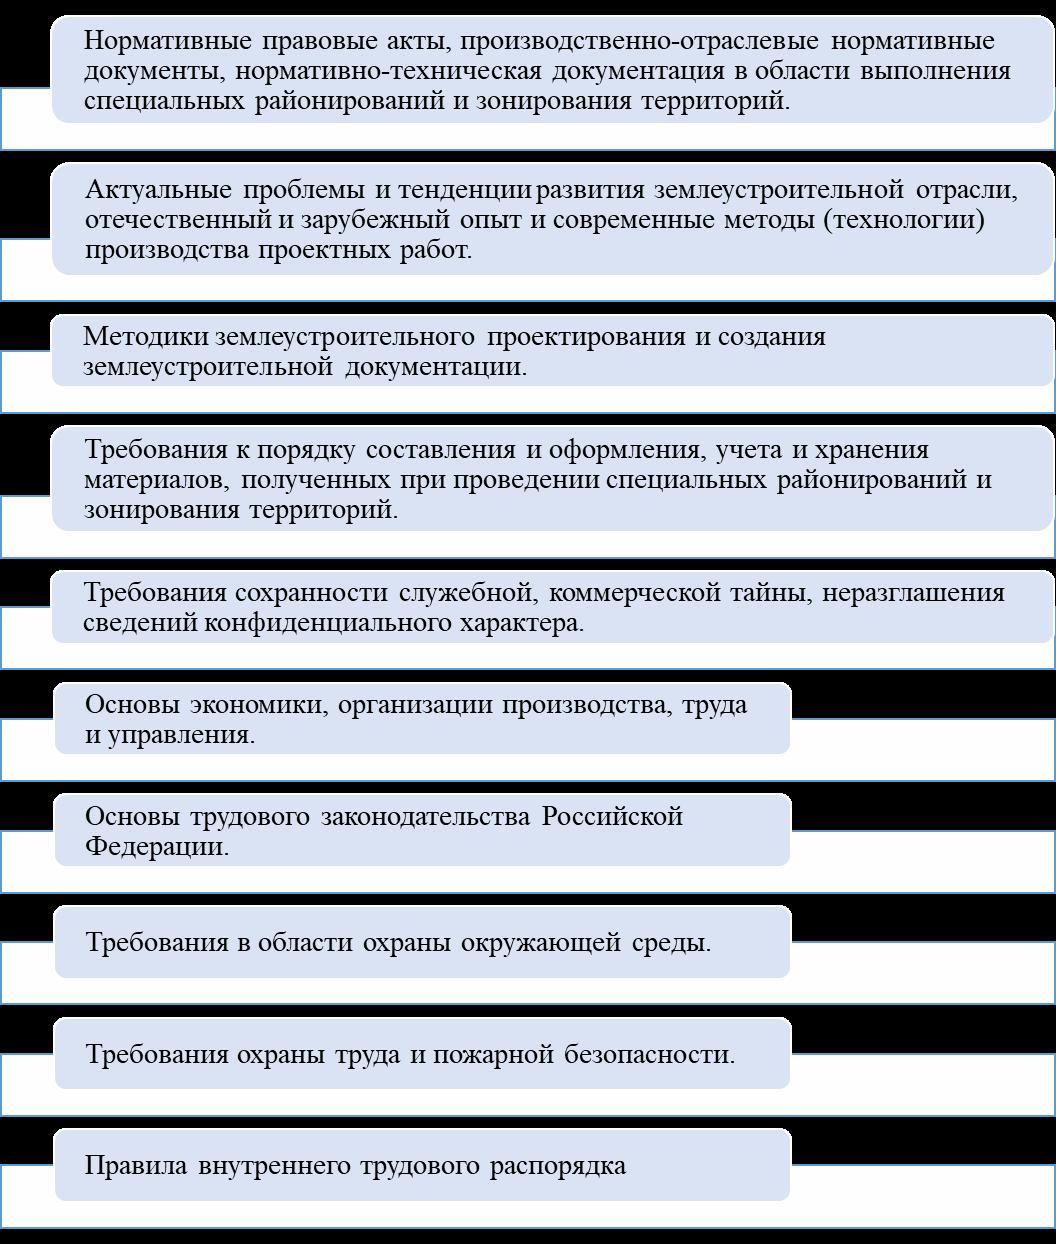 word image 115 Мониторинг и анализ образовательной деятельности образовательных организаций аграрного профиля в условиях «регуляторной гильотины»